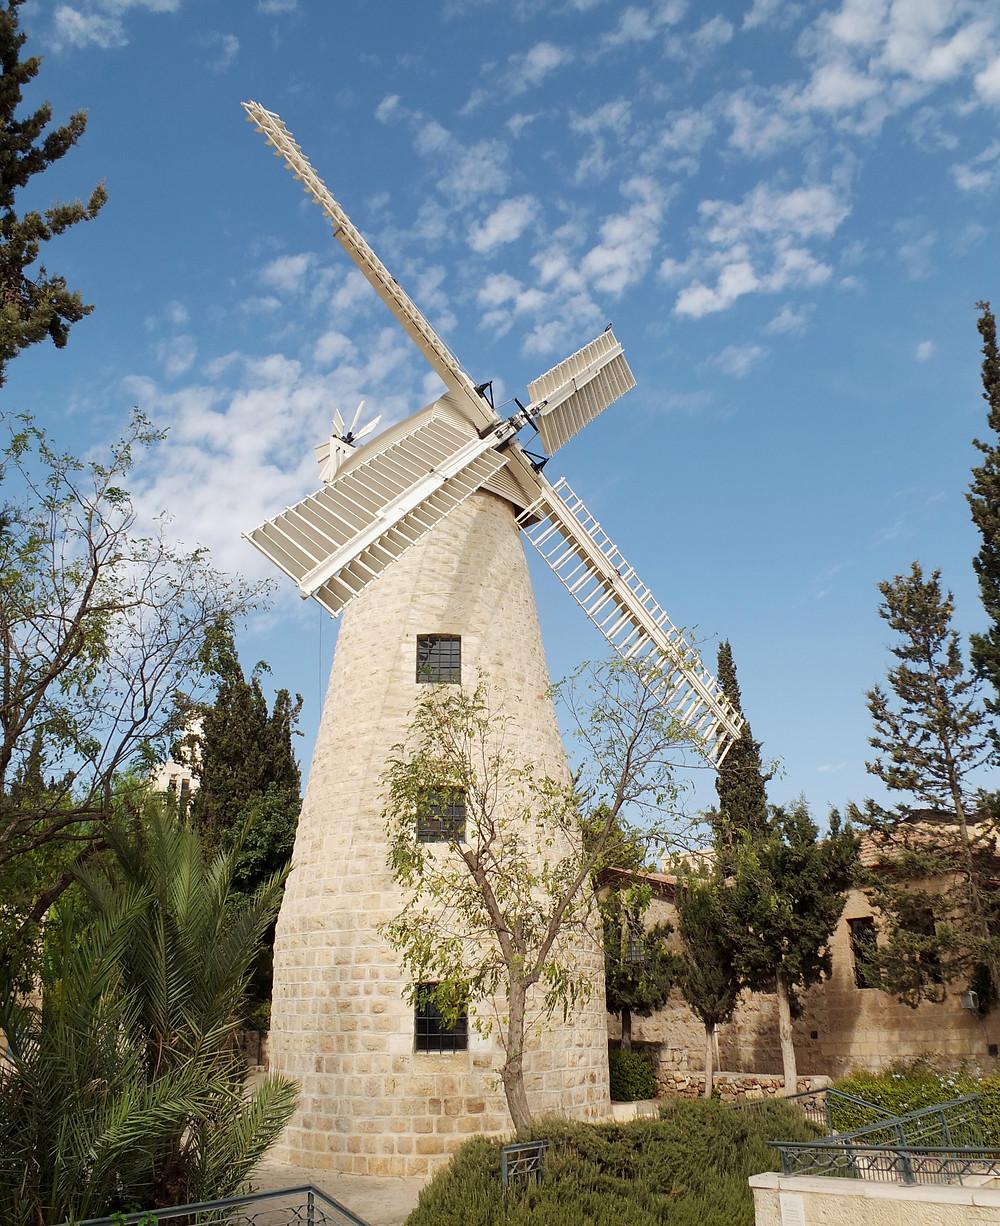 Die englische Montefiore Windmühle